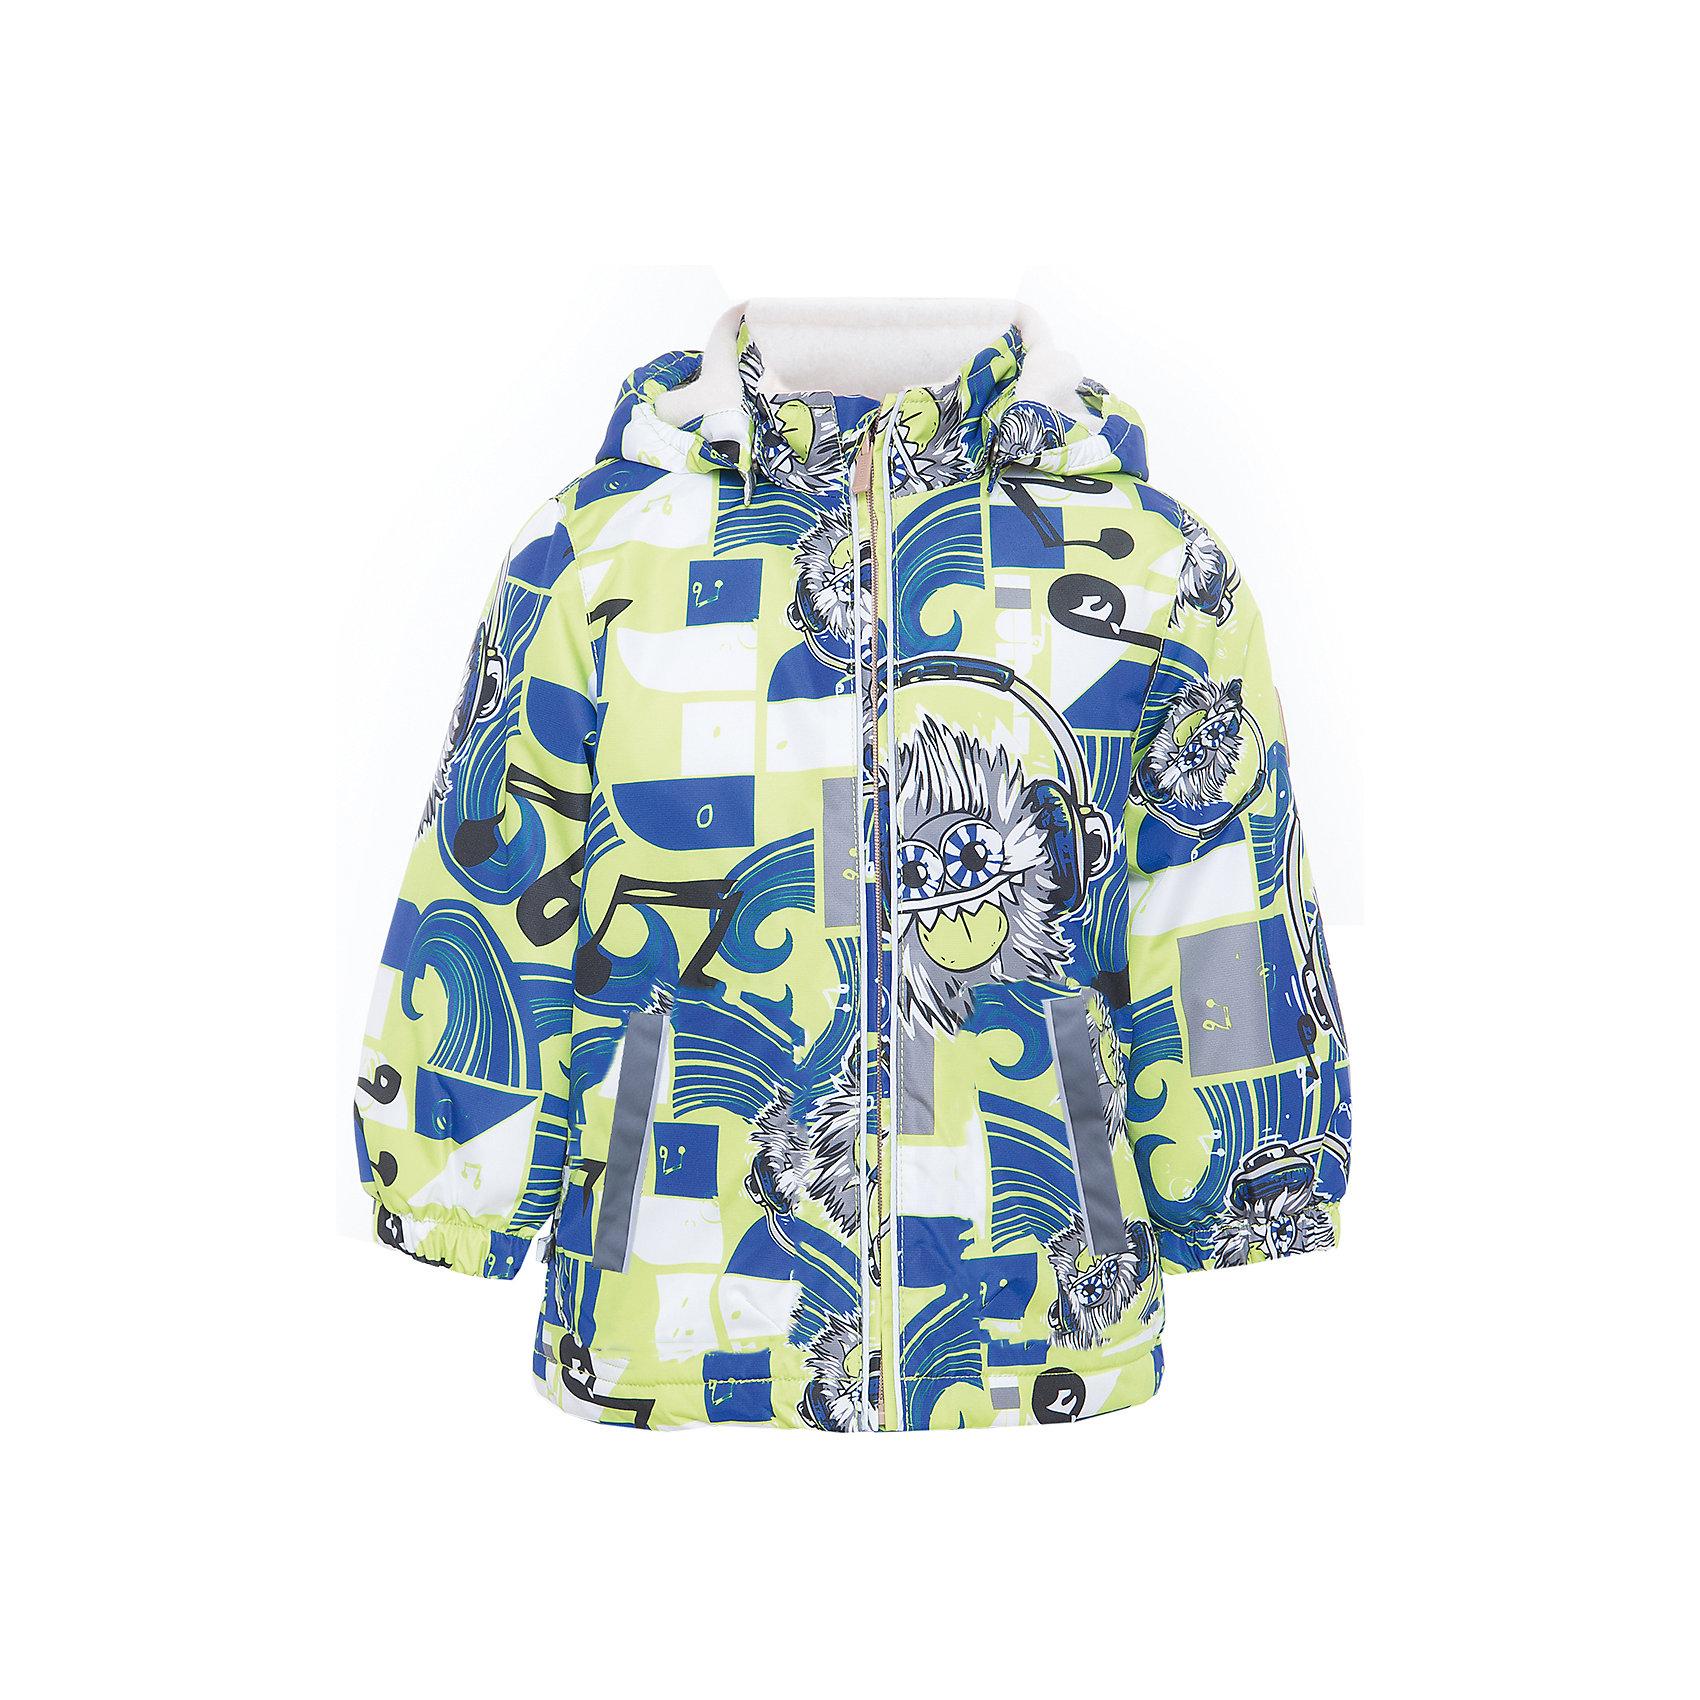 Куртка JODY для мальчика HuppaДемисезонные куртки<br>Характеристики товара:<br><br>• цвет: лайм/синий<br>• ткань: 100% полиэстер<br>• подкладка: тафта - 100% полиэстер<br>• утеплитель: 100% полиэстер 100 г<br>• температурный режим: от -5°С до +15°С<br>• водонепроницаемость: 10000 мм<br>• воздухопроницаемость: 10000 мм<br>• светоотражающие детали<br>• эластичные манжеты<br>• молния<br>• съёмный капюшон<br>• комфортная посадка<br>• коллекция: весна-лето 2017<br>• страна бренда: Эстония<br><br>Эта стильная куртка обеспечит детям тепло и комфорт. Она сделана из материала, отталкивающего воду, и дополнено подкладкой с утеплителем, поэтому изделие идеально подходит для межсезонья. Материал изделия - с мембранной технологией: защищая от влаги и ветра, он легко выводит лишнюю влагу наружу. Для удобства сделан капюшон. Куртка очень симпатично смотрится, яркая расцветка и крой добавляют ему оригинальности. Модель была разработана специально для детей.<br><br>Одежда и обувь от популярного эстонского бренда Huppa - отличный вариант одеть ребенка можно и комфортно. Вещи, выпускаемые компанией, качественные, продуманные и очень удобные. Для производства изделий используются только безопасные для детей материалы. Продукция от Huppa порадует и детей, и их родителей!<br><br>Куртку JODY от бренда Huppa (Хуппа) можно купить в нашем интернет-магазине.<br><br>Ширина мм: 356<br>Глубина мм: 10<br>Высота мм: 245<br>Вес г: 519<br>Цвет: зеленый<br>Возраст от месяцев: 132<br>Возраст до месяцев: 144<br>Пол: Мужской<br>Возраст: Детский<br>Размер: 152,92,98,104,110,116,122,128,134,140,146<br>SKU: 5346997